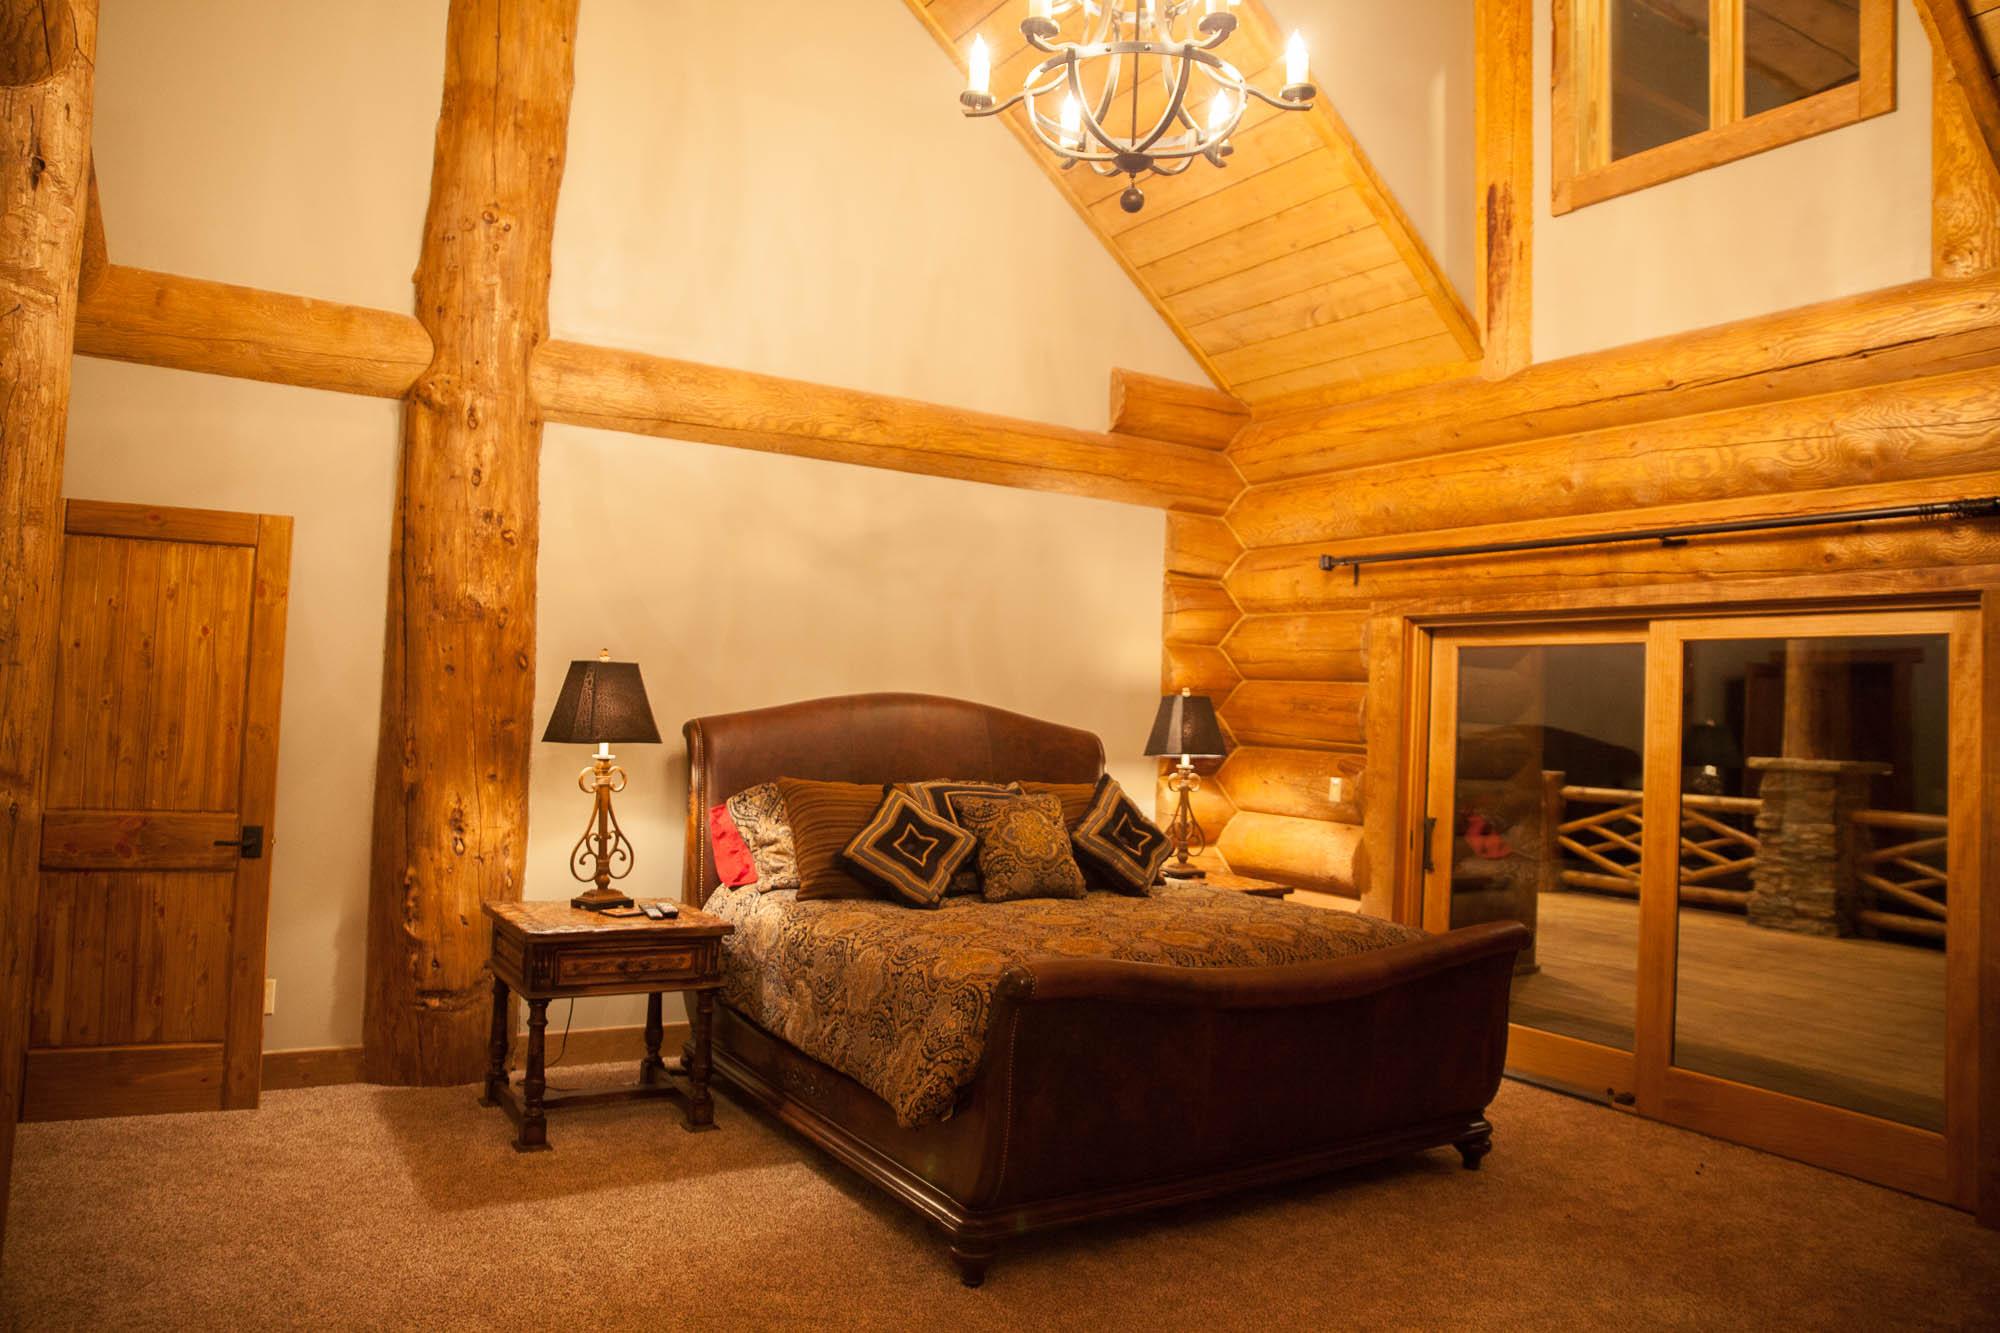 custom-designed-log-timber-homes-127